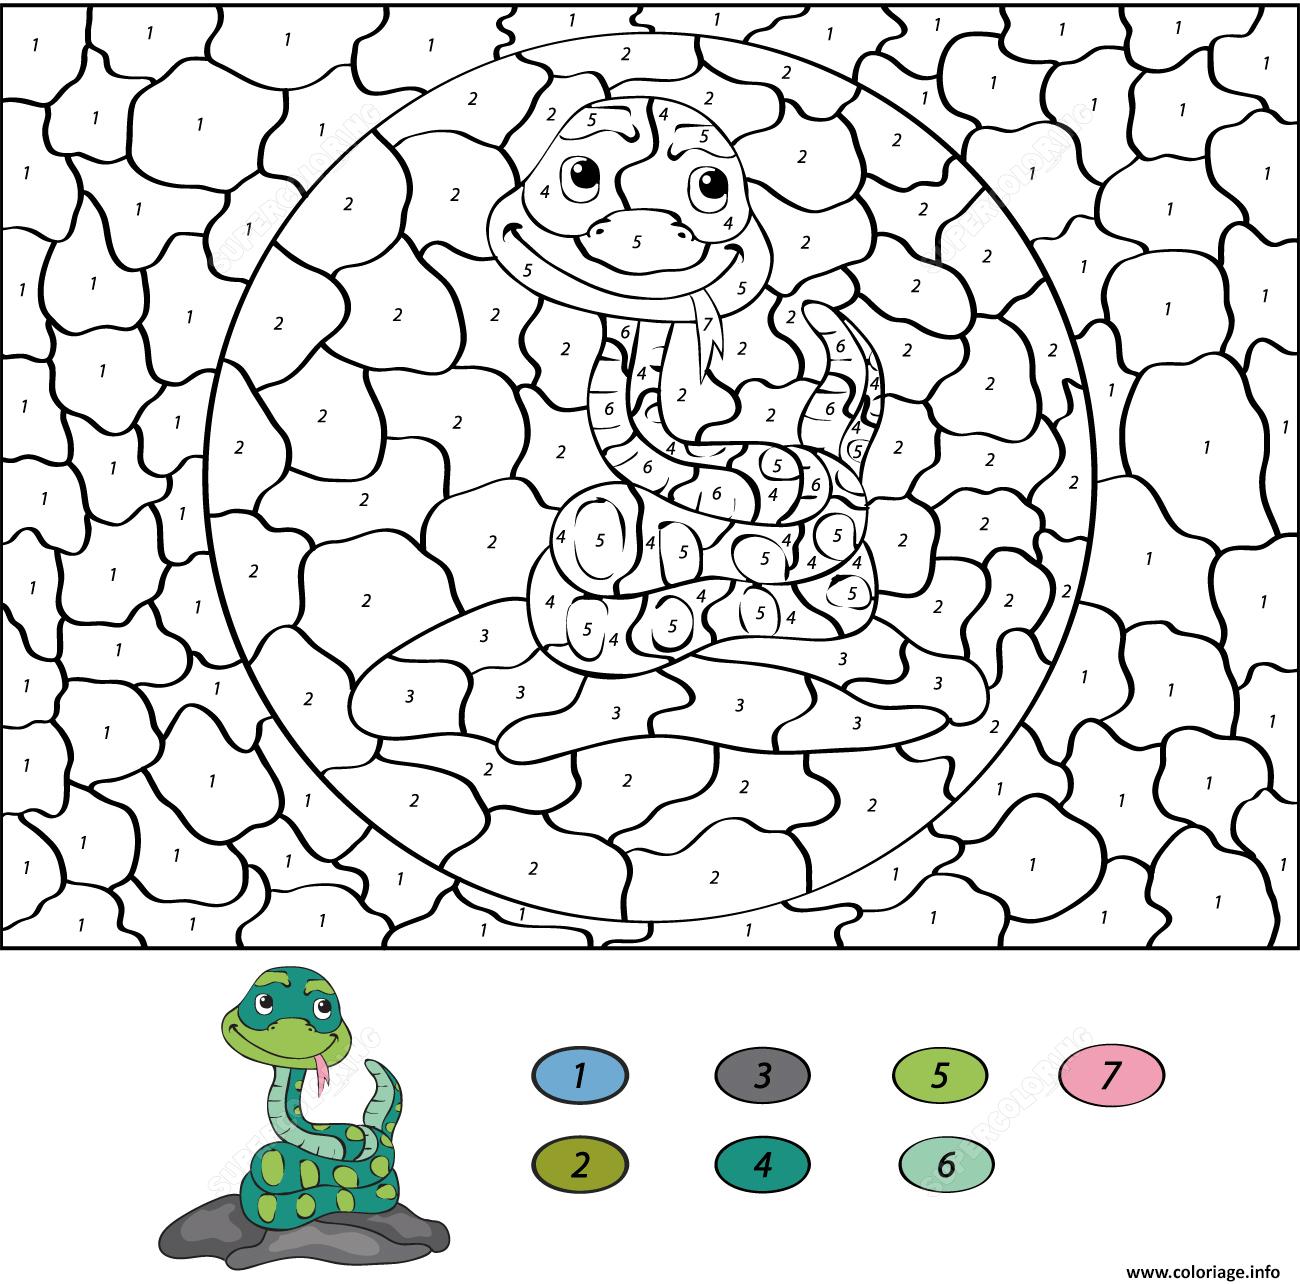 Coloriage Magique CE332 Serpent Dessin Magique CE332 à imprimer